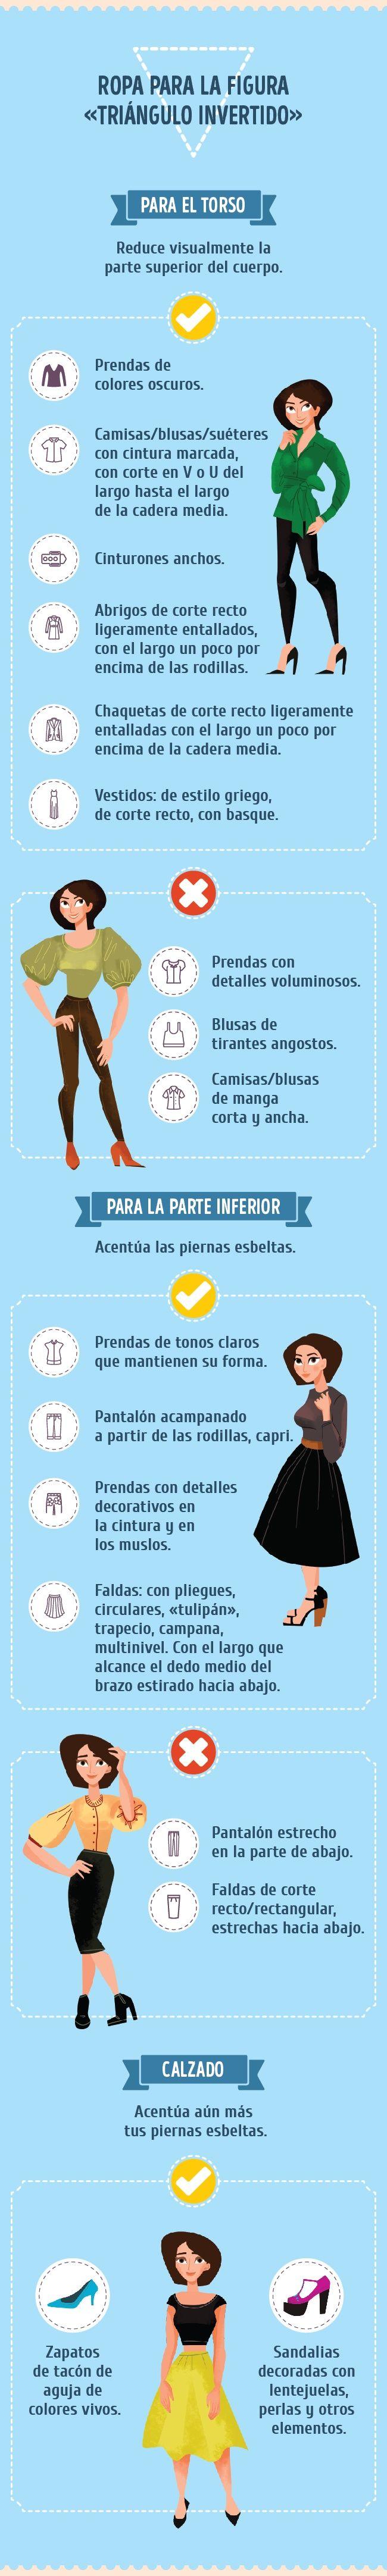 Cómo resaltar las ventajas y ocultar las desventajas de tu figura eligiendo la ropa adecuada